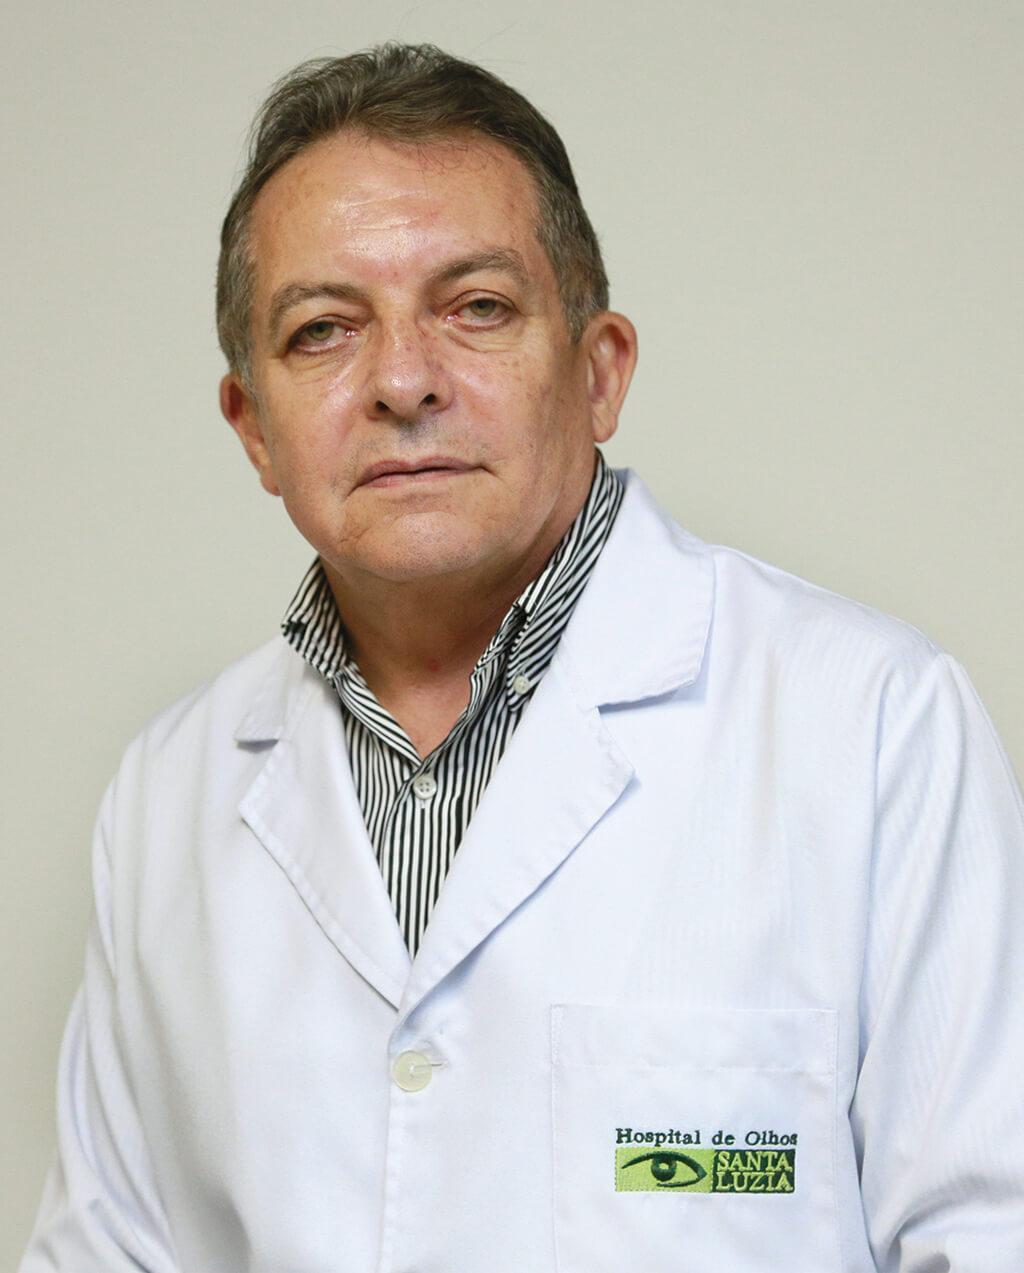 João Eudes Tavares